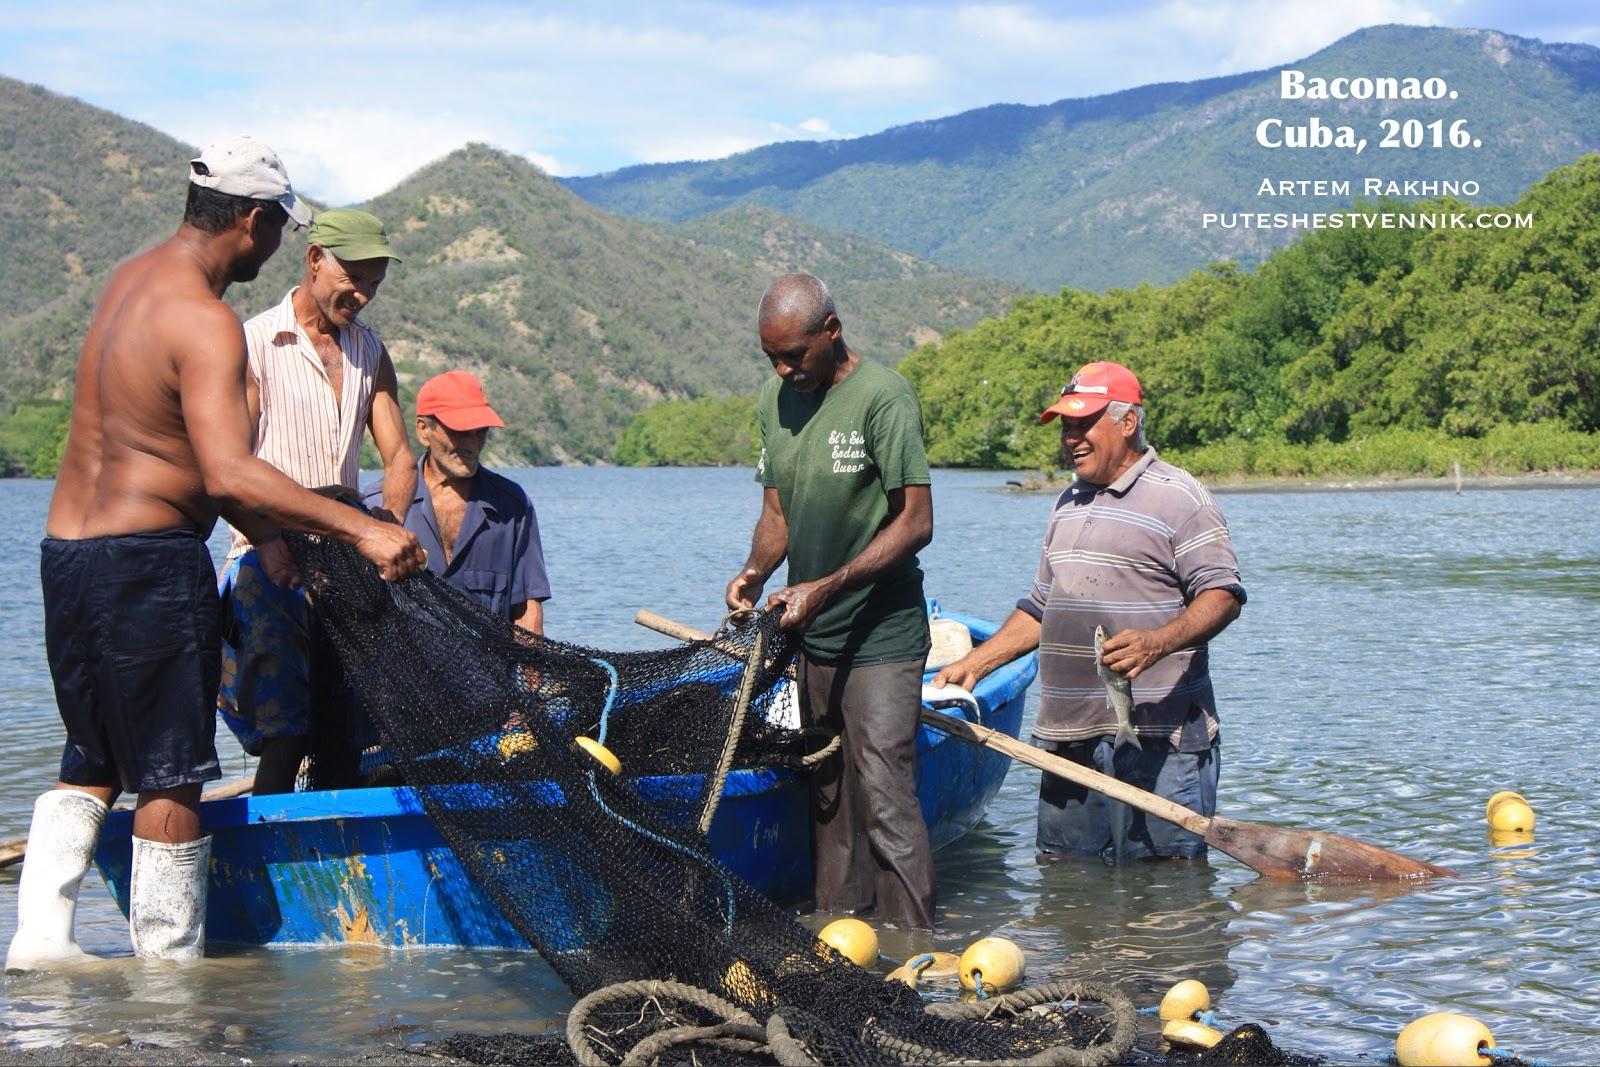 Рыбаки деревни Баконао на Кубе